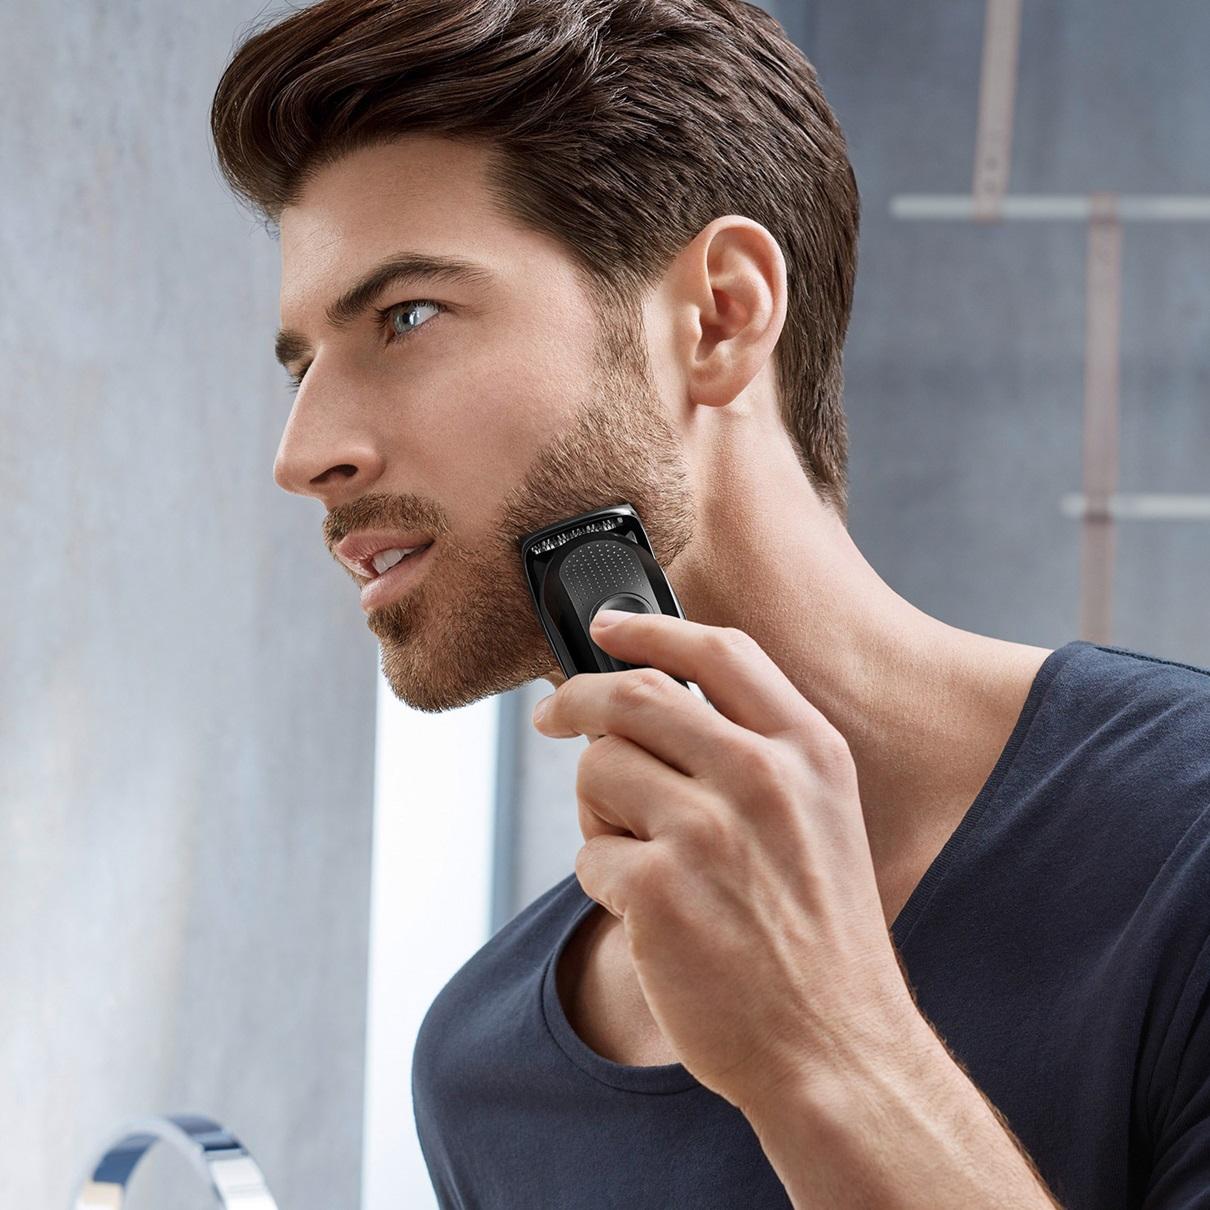 3 Braun Beard Trimmer Mgk3020 In Use